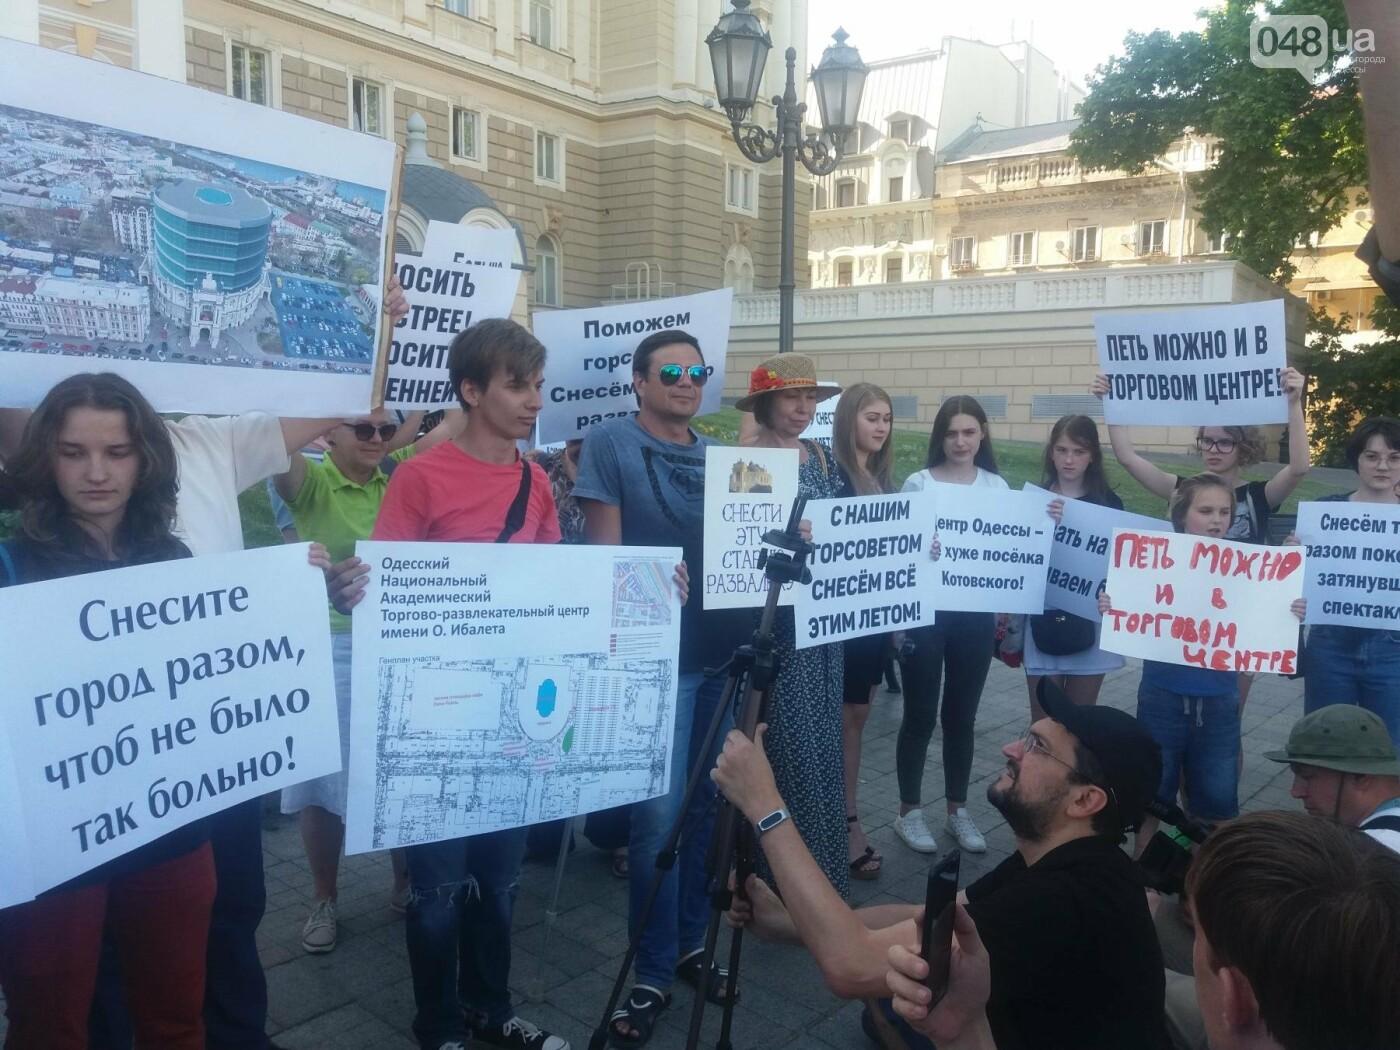 В Одессе требовали снести оперный театр и построить торговый центр, - ФОТО, ВИДЕО, фото-11